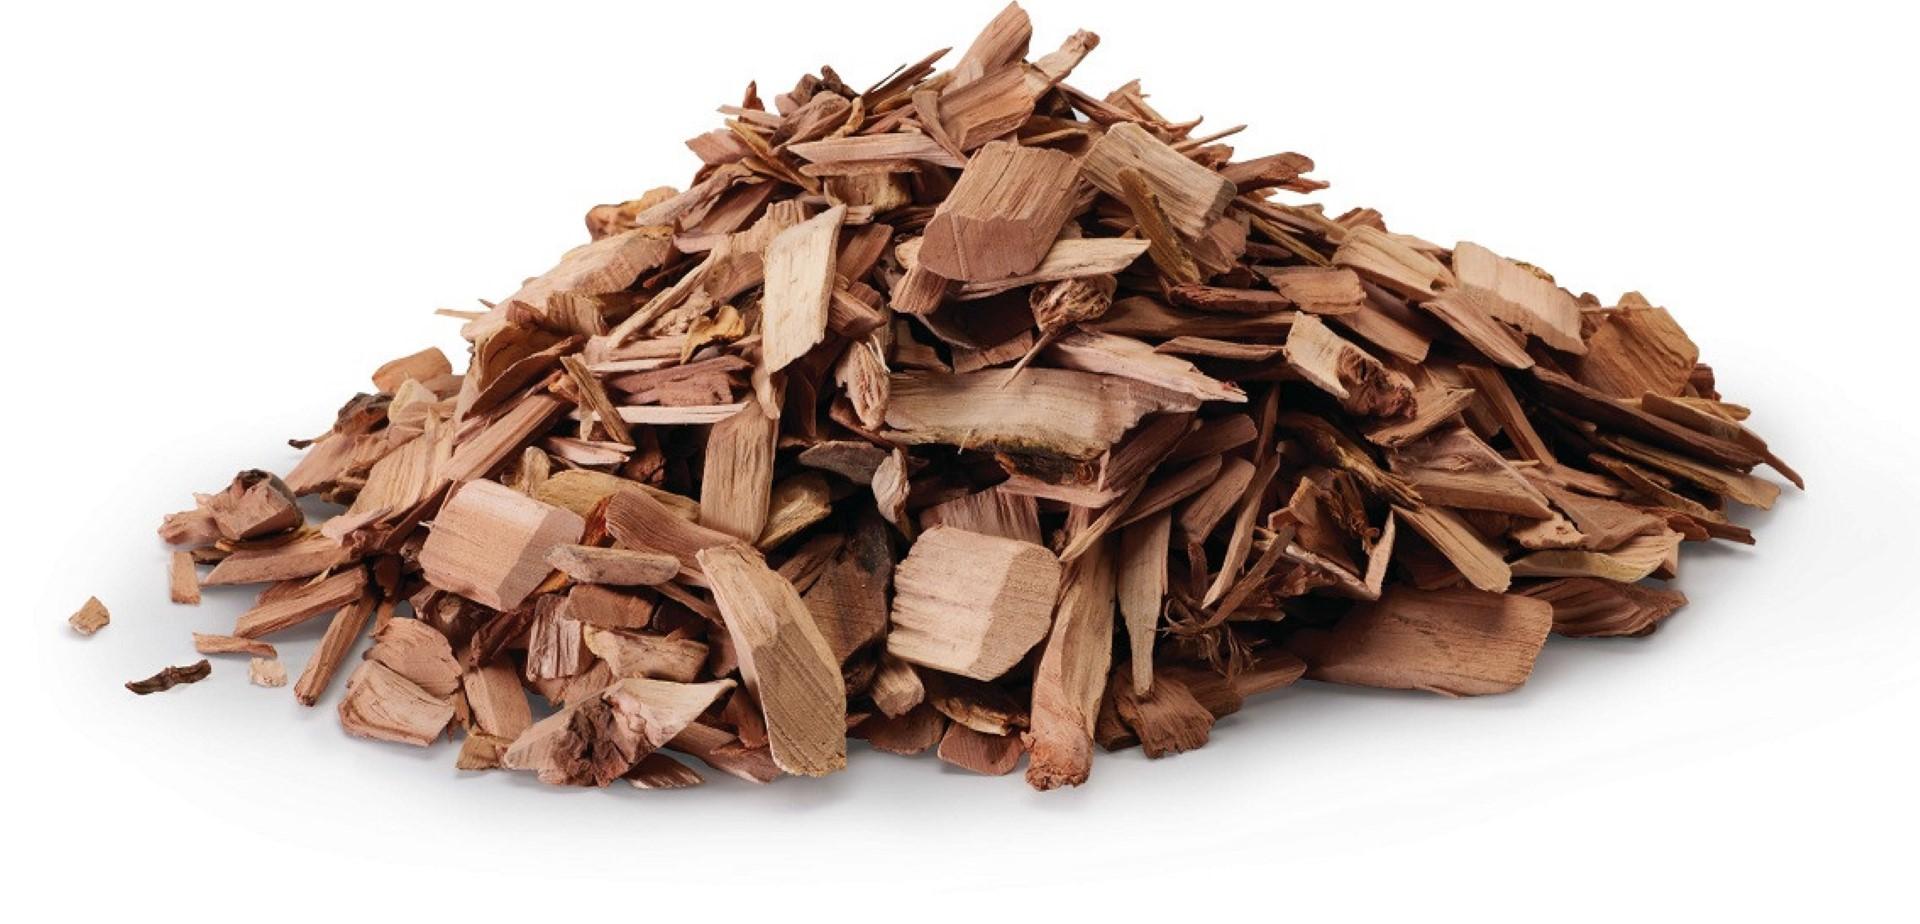 Wood chips appel 700g